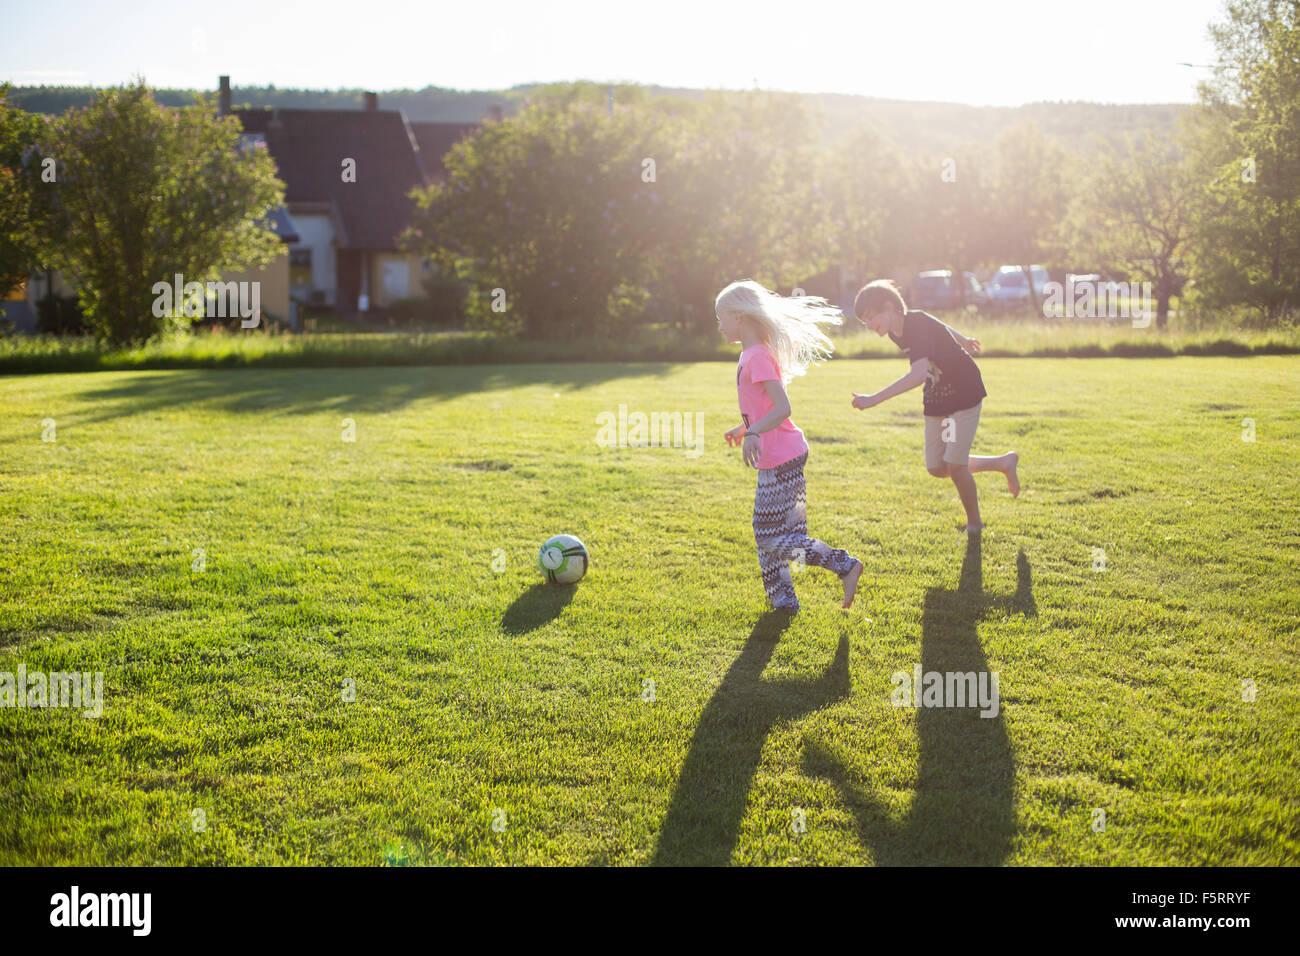 Suecia, Narke, Garphyttan, niña y niño (10-11) (12-13) jugando al fútbol en el jardín Foto de stock